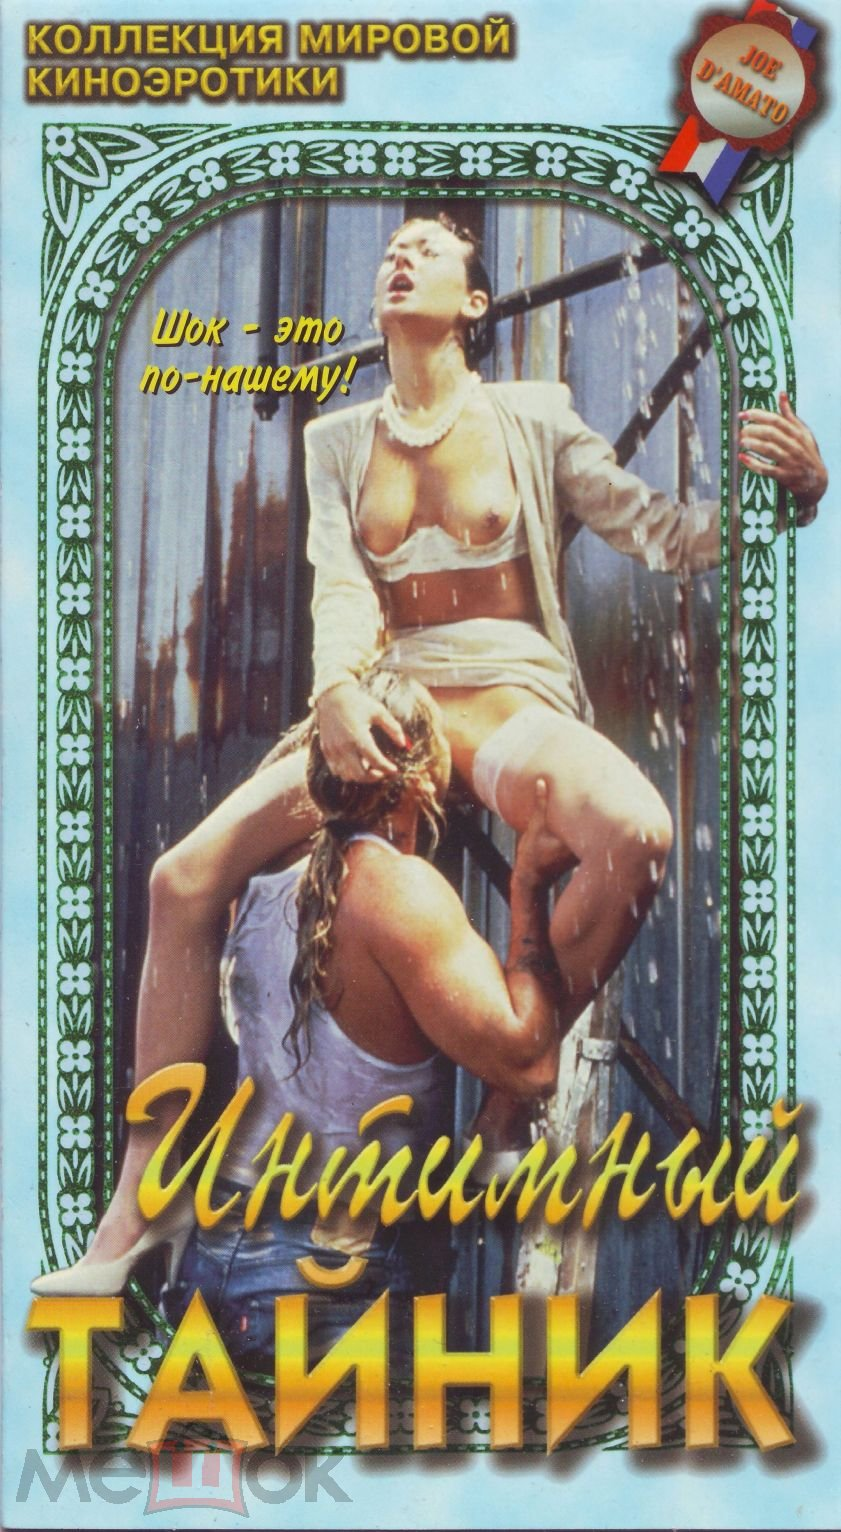 эротические моменты из фильмов на видеокассетах видишь ее